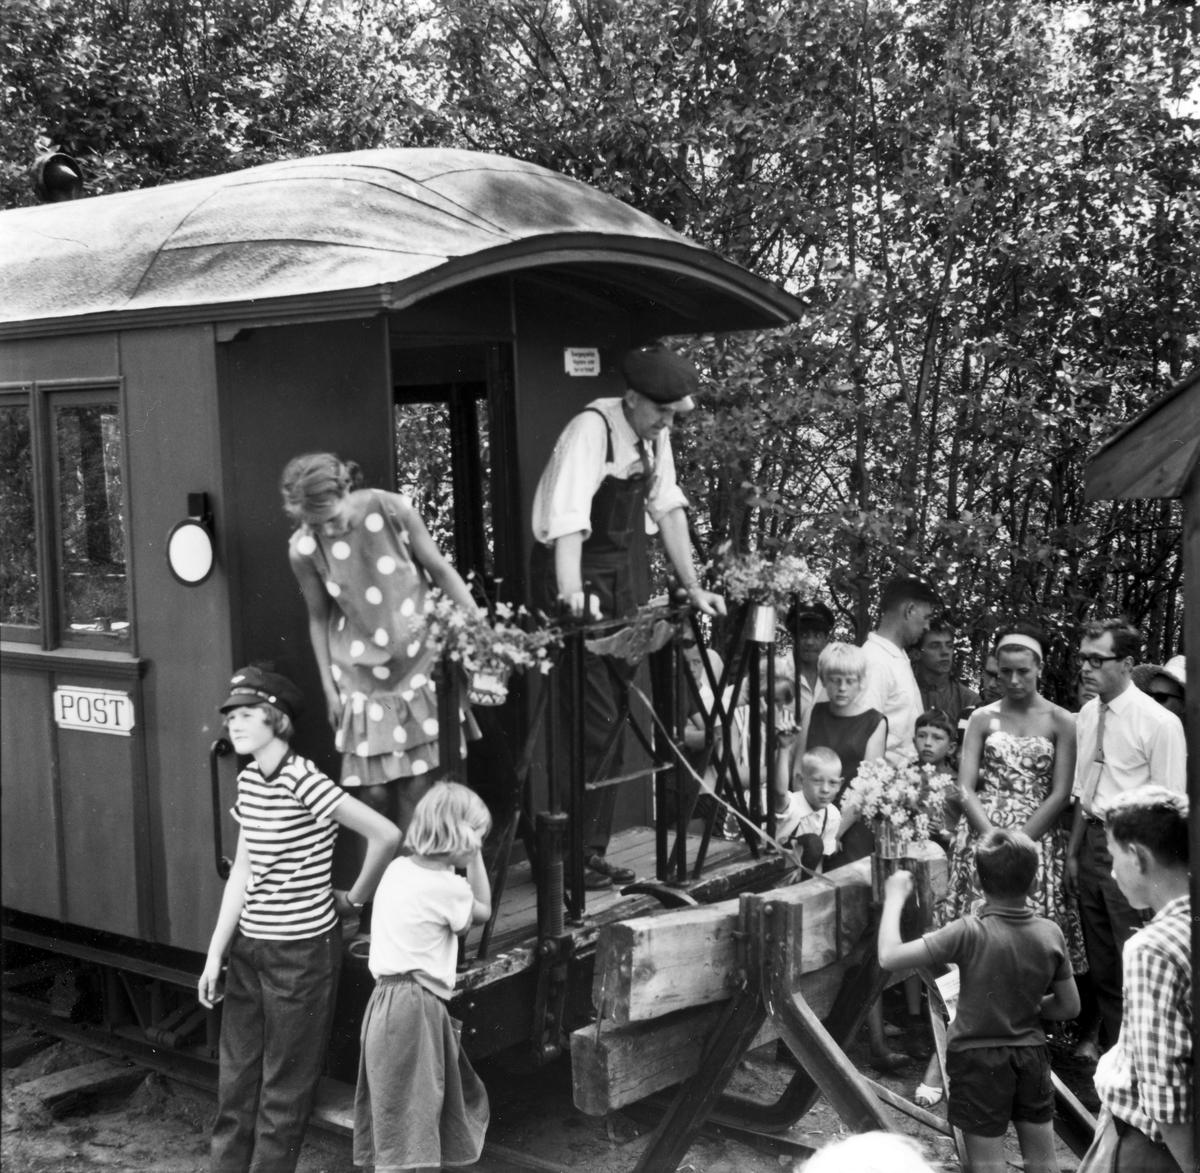 Fra den høytidelige åpningen av museumsbanen 19. juni 1966.